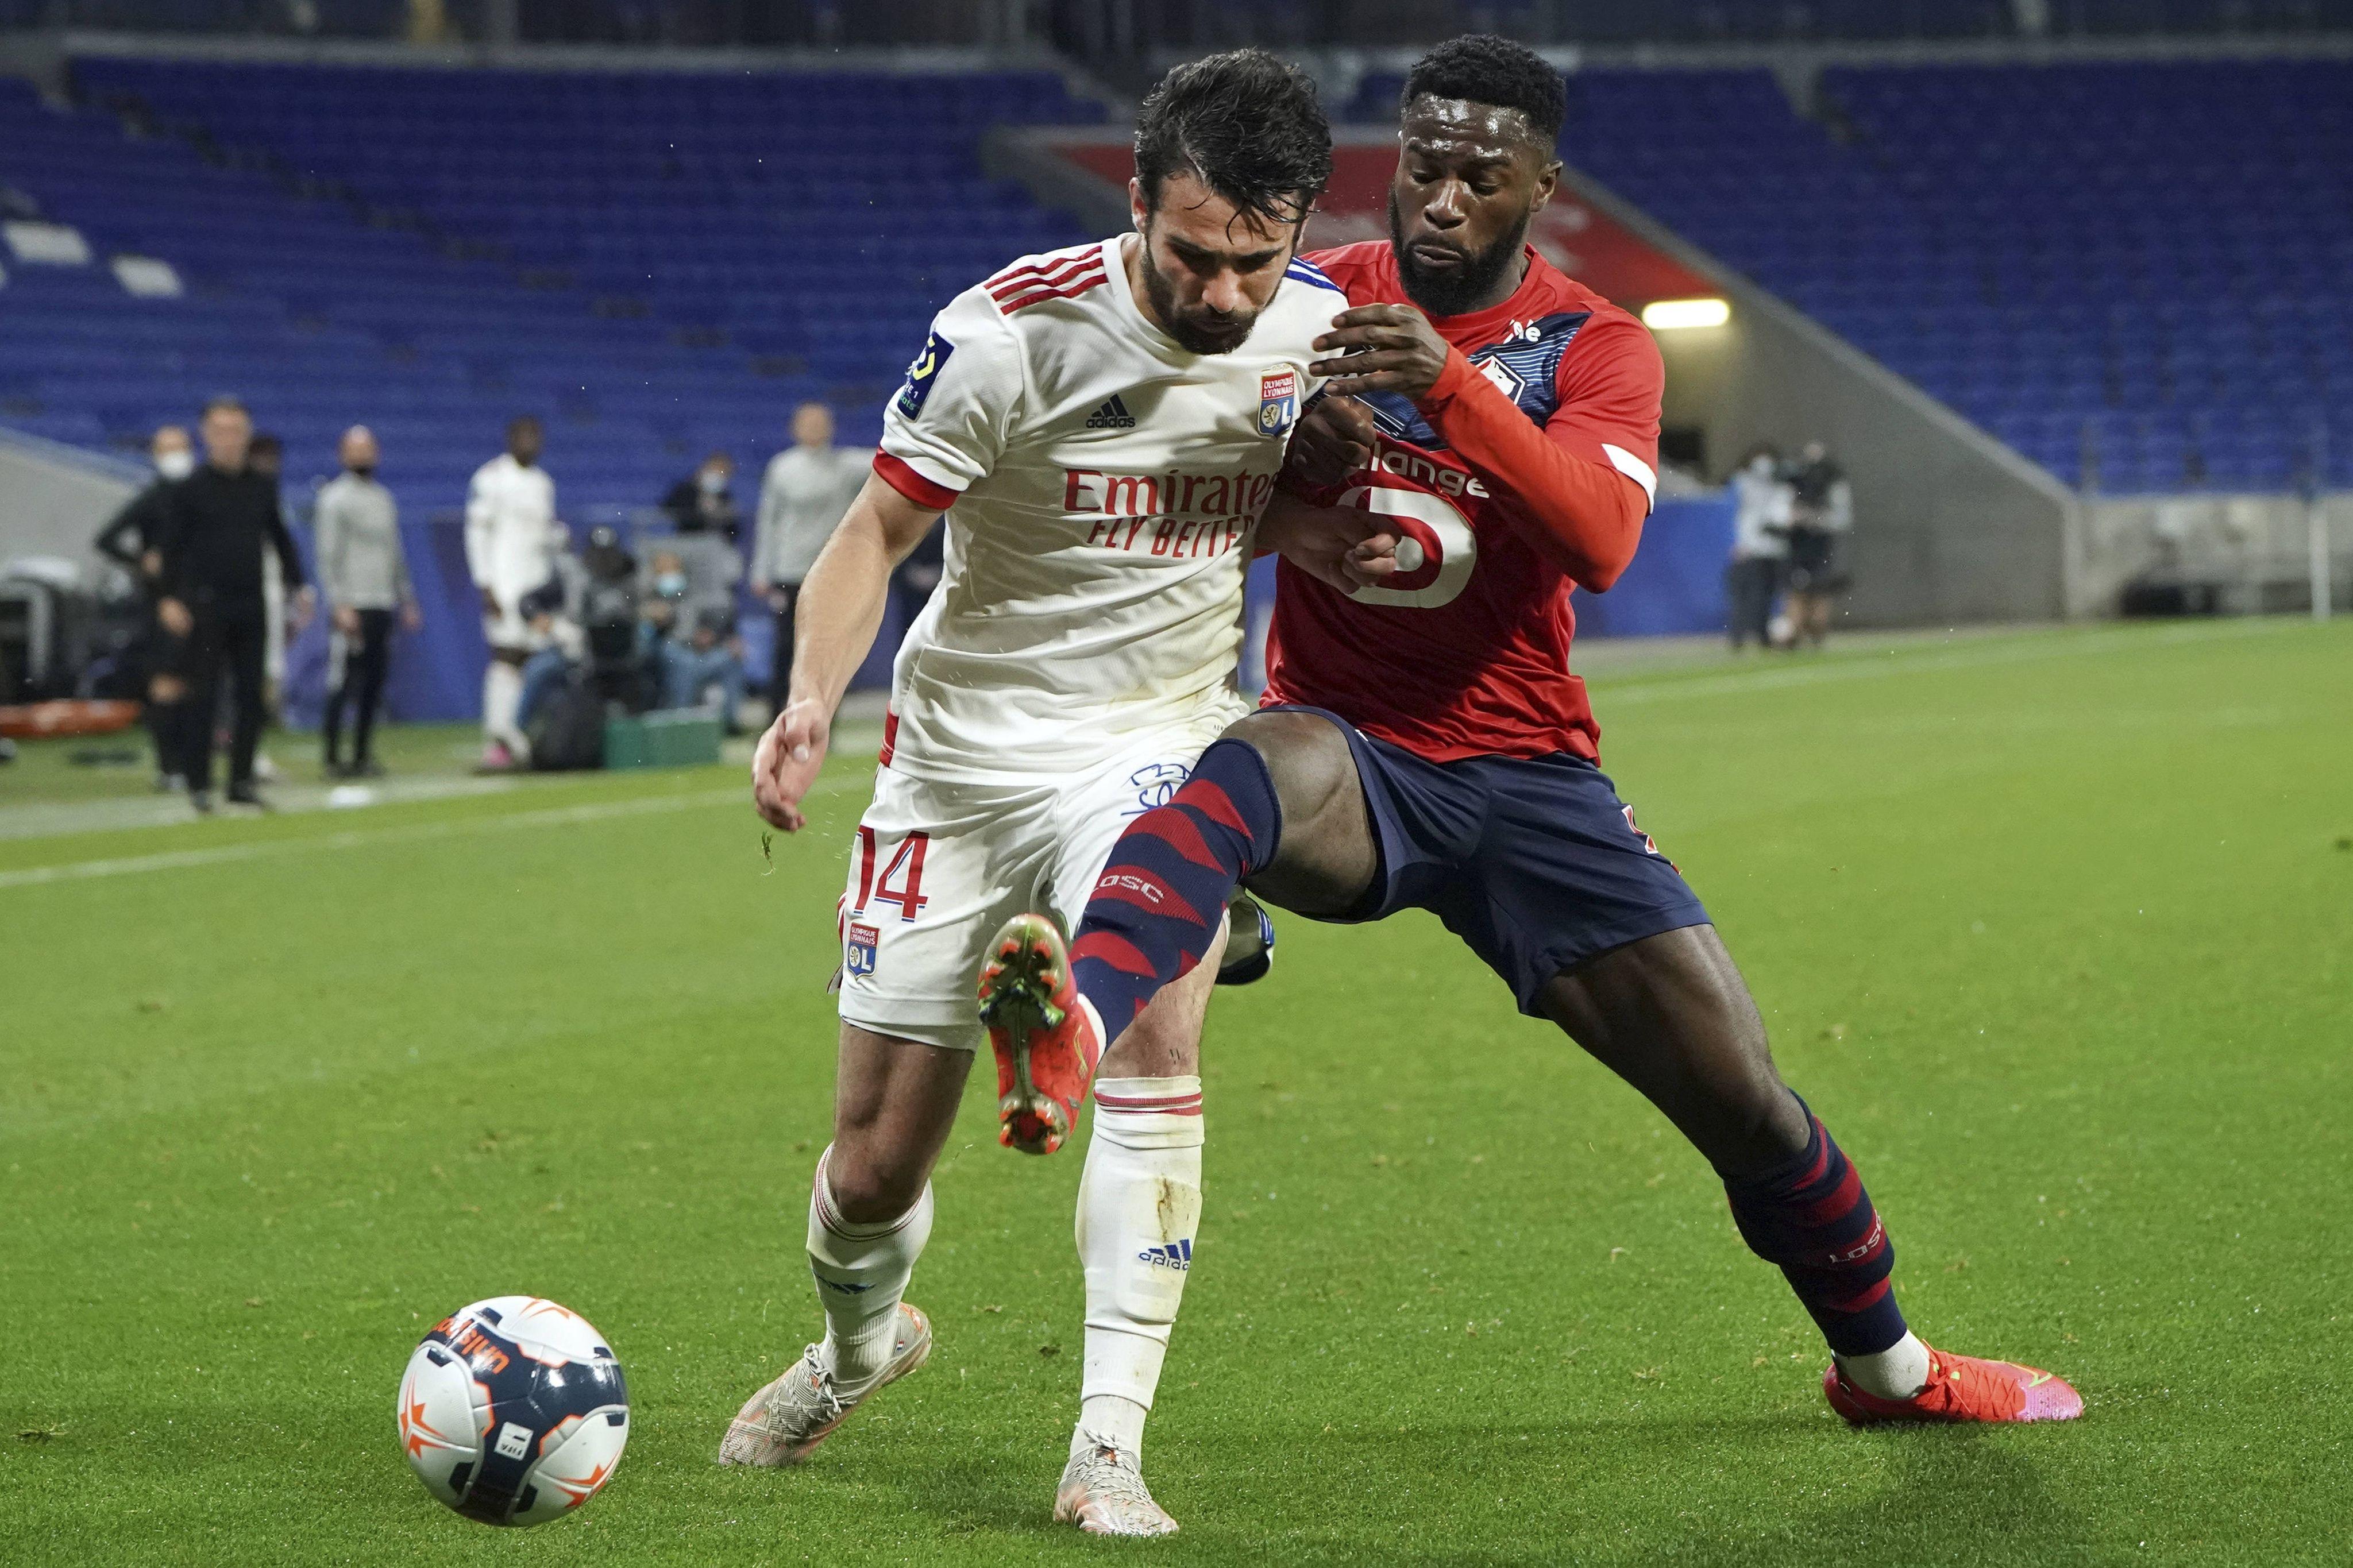 OL-Losc: «Abattus» par leur semaine galère, les Lyonnais ont-ils dit adieu à la Ligue des champions?